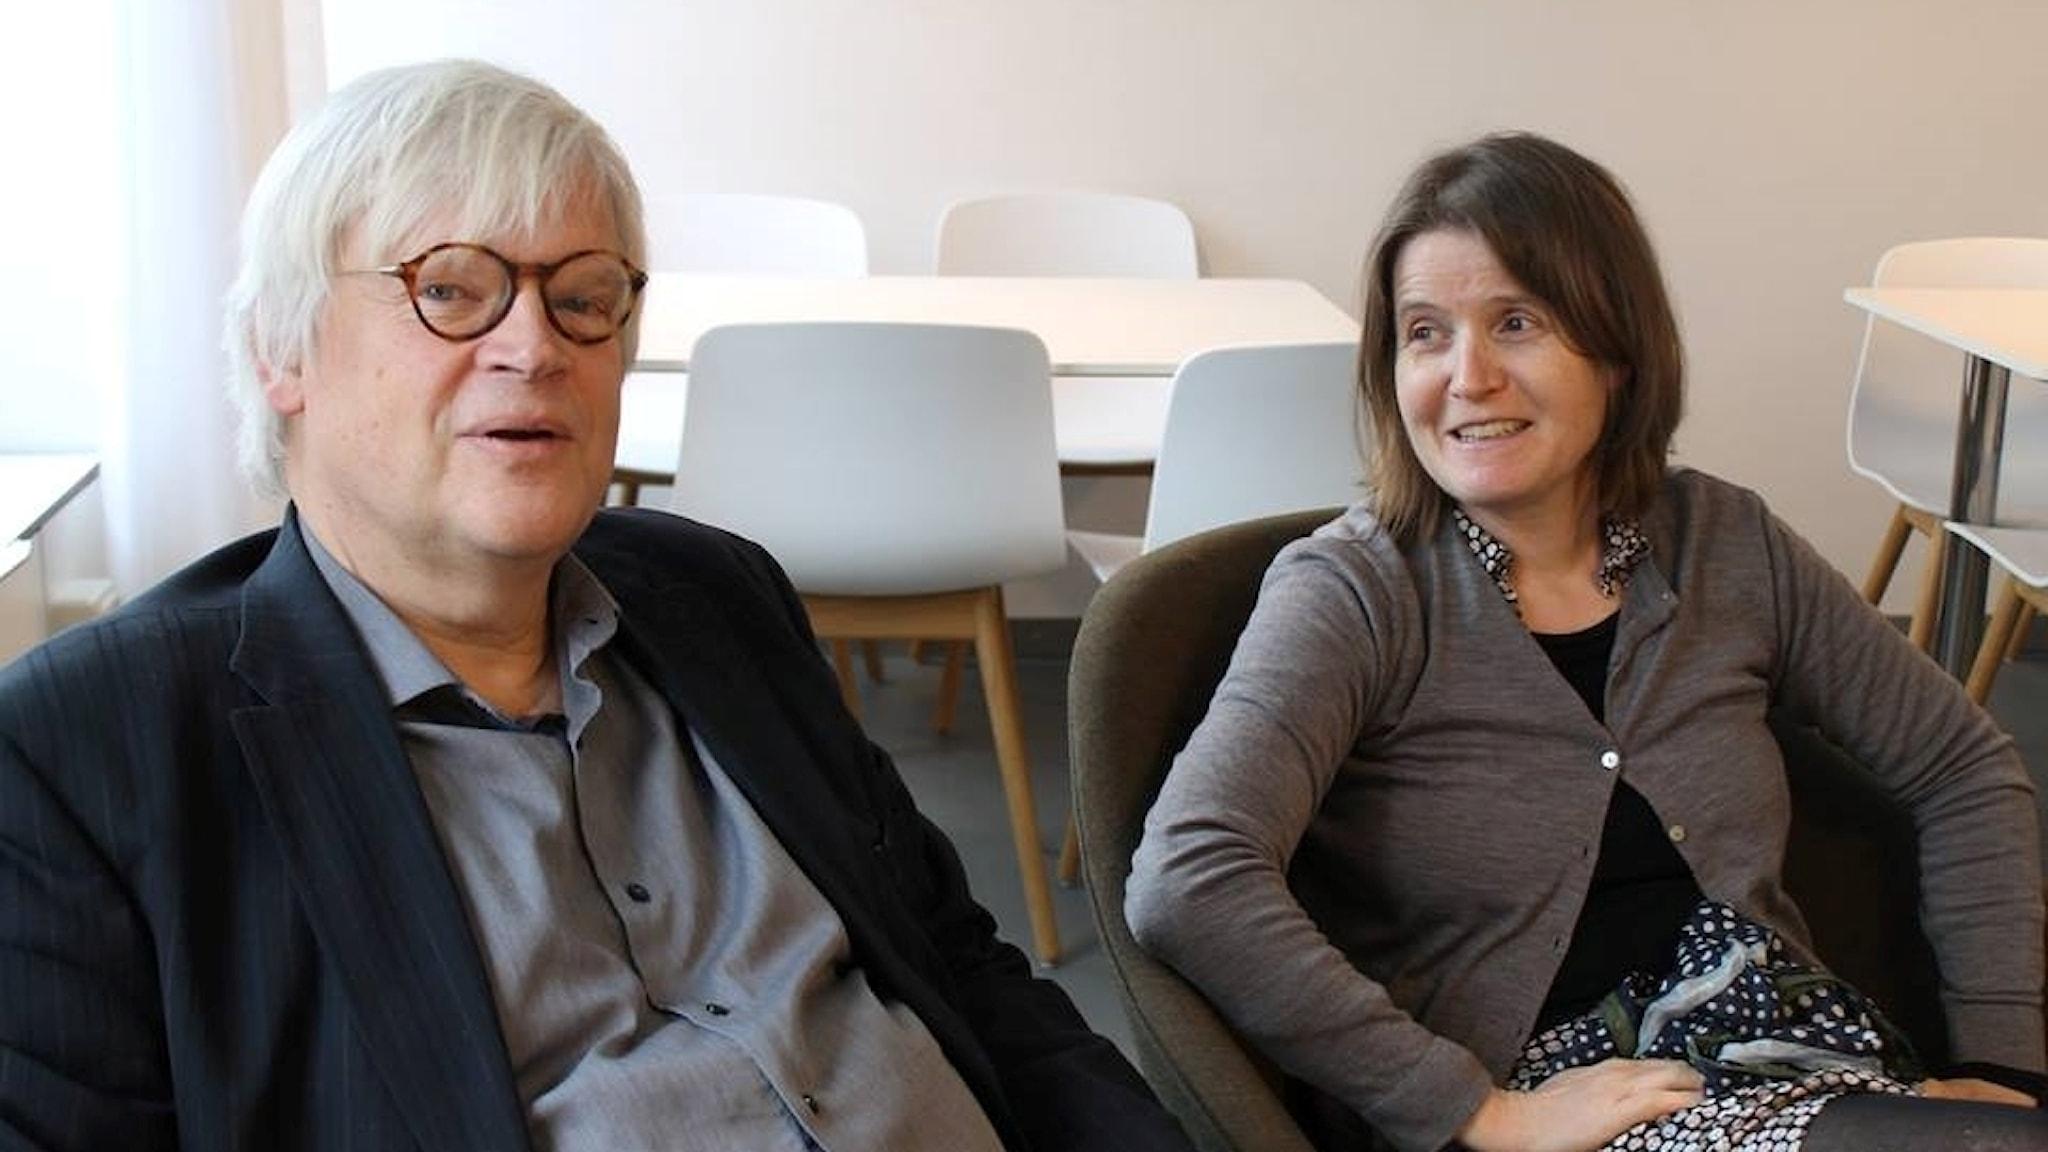 Thomas Nordegren & Louise Epstein